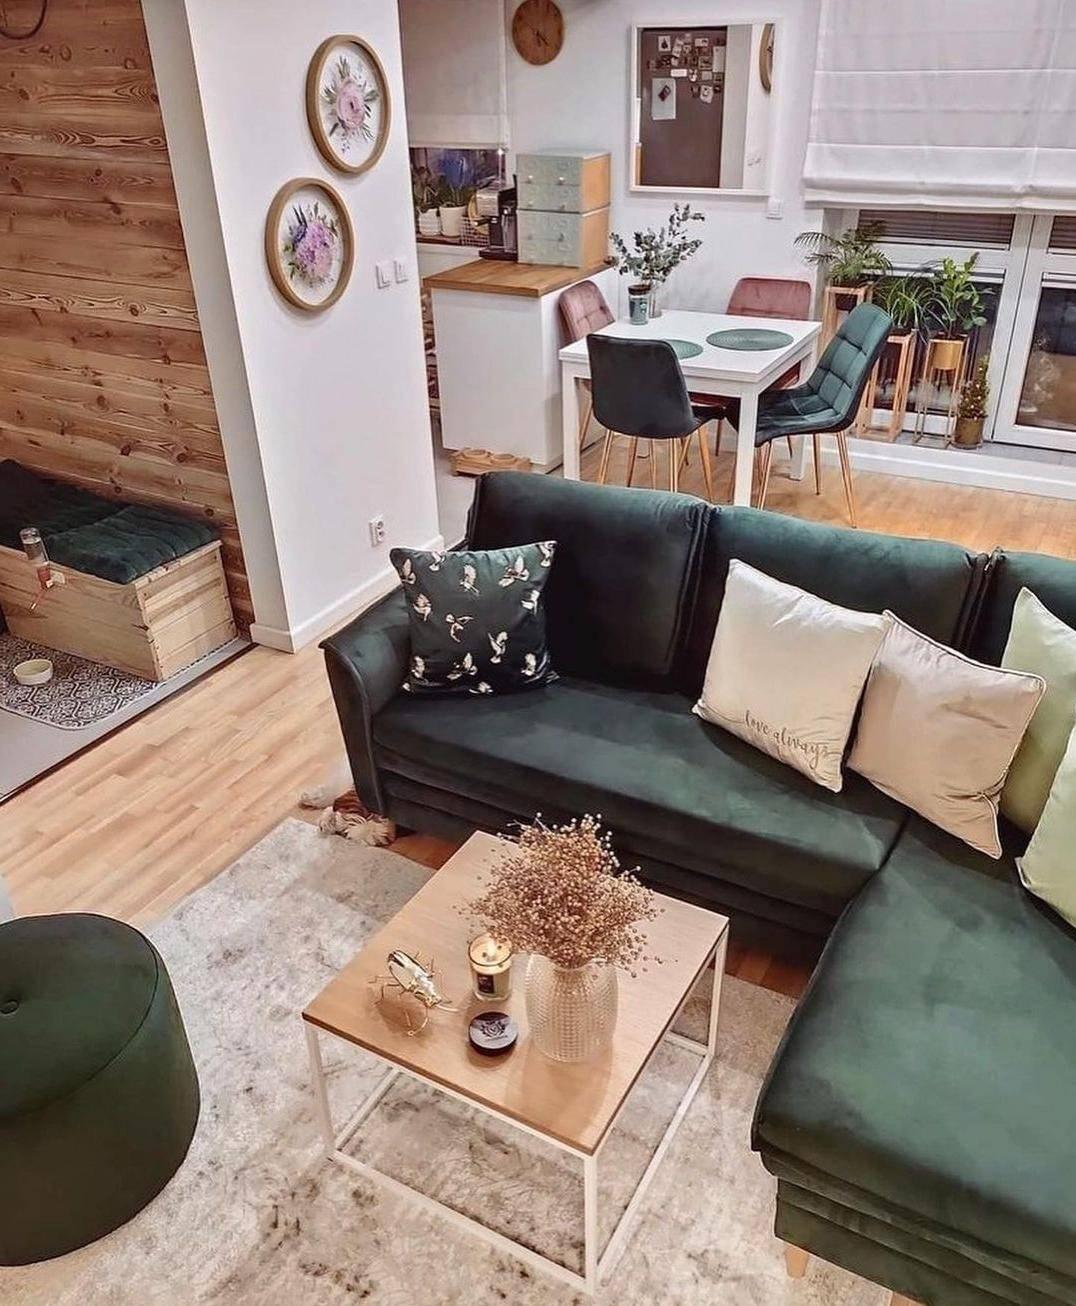 Những lỗi trang trí phổ biến khiến ngôi nhà của bạn trở nên nhỏ hơn - Ảnh 4.